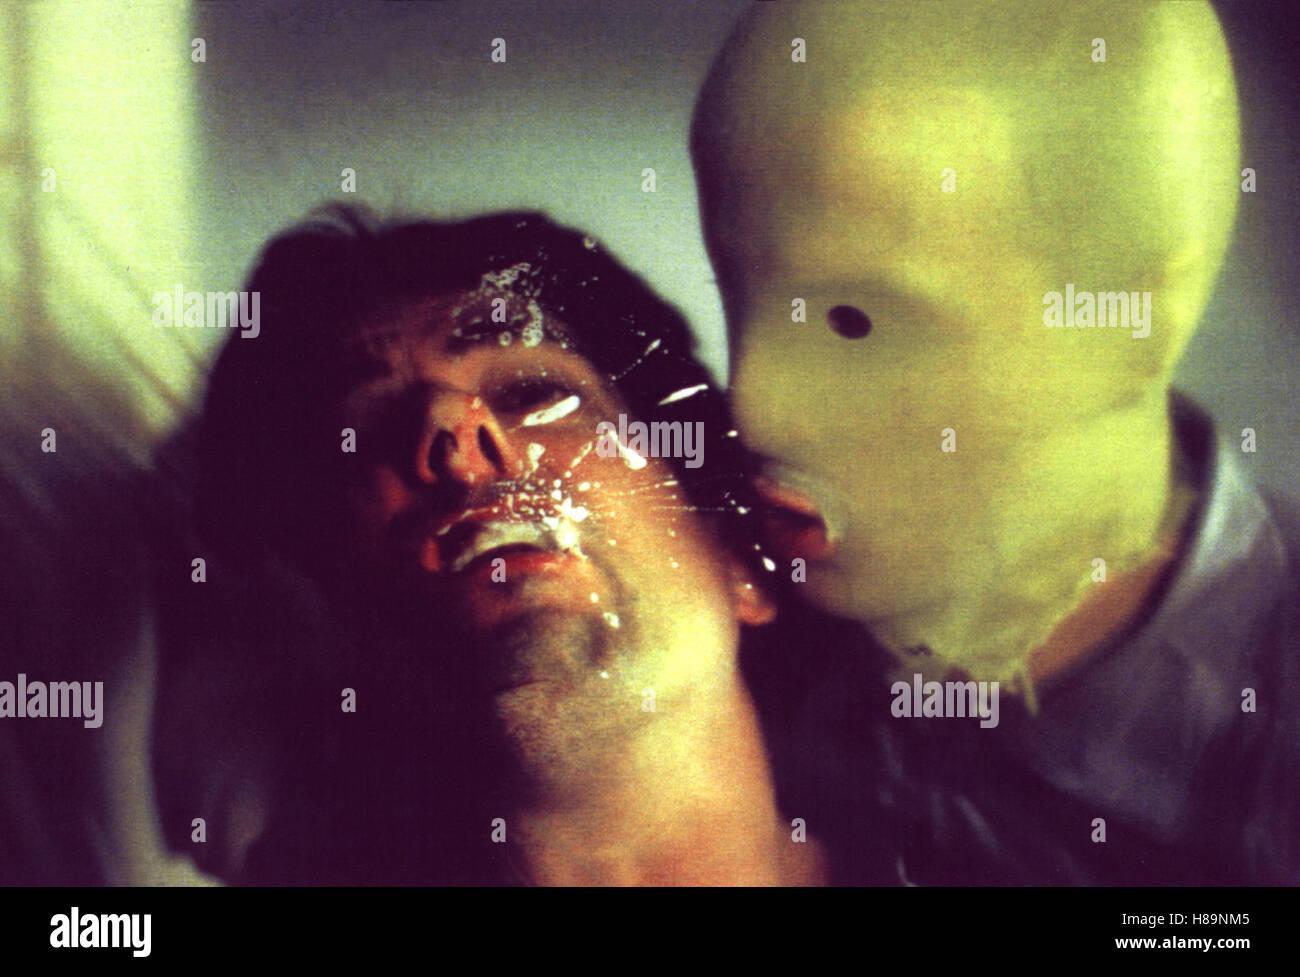 Resurrection - Die Auferstehung, (RESURRECTION) USA 1999, Regie: Russell Mulcahy, Stichwort: Maske Stock Photo